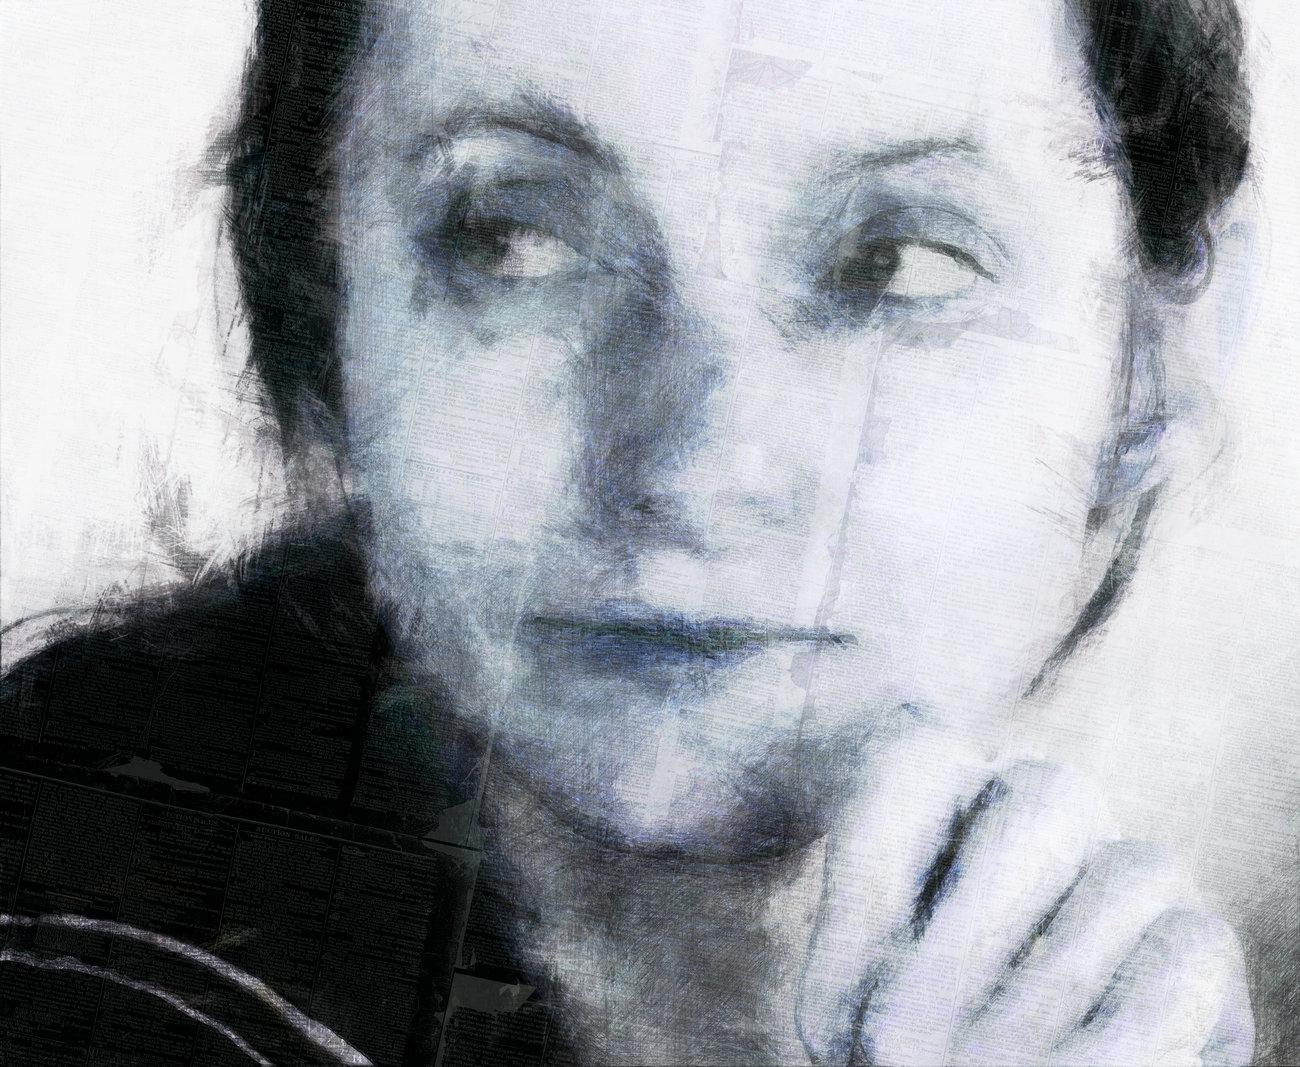 blind spot, 2014